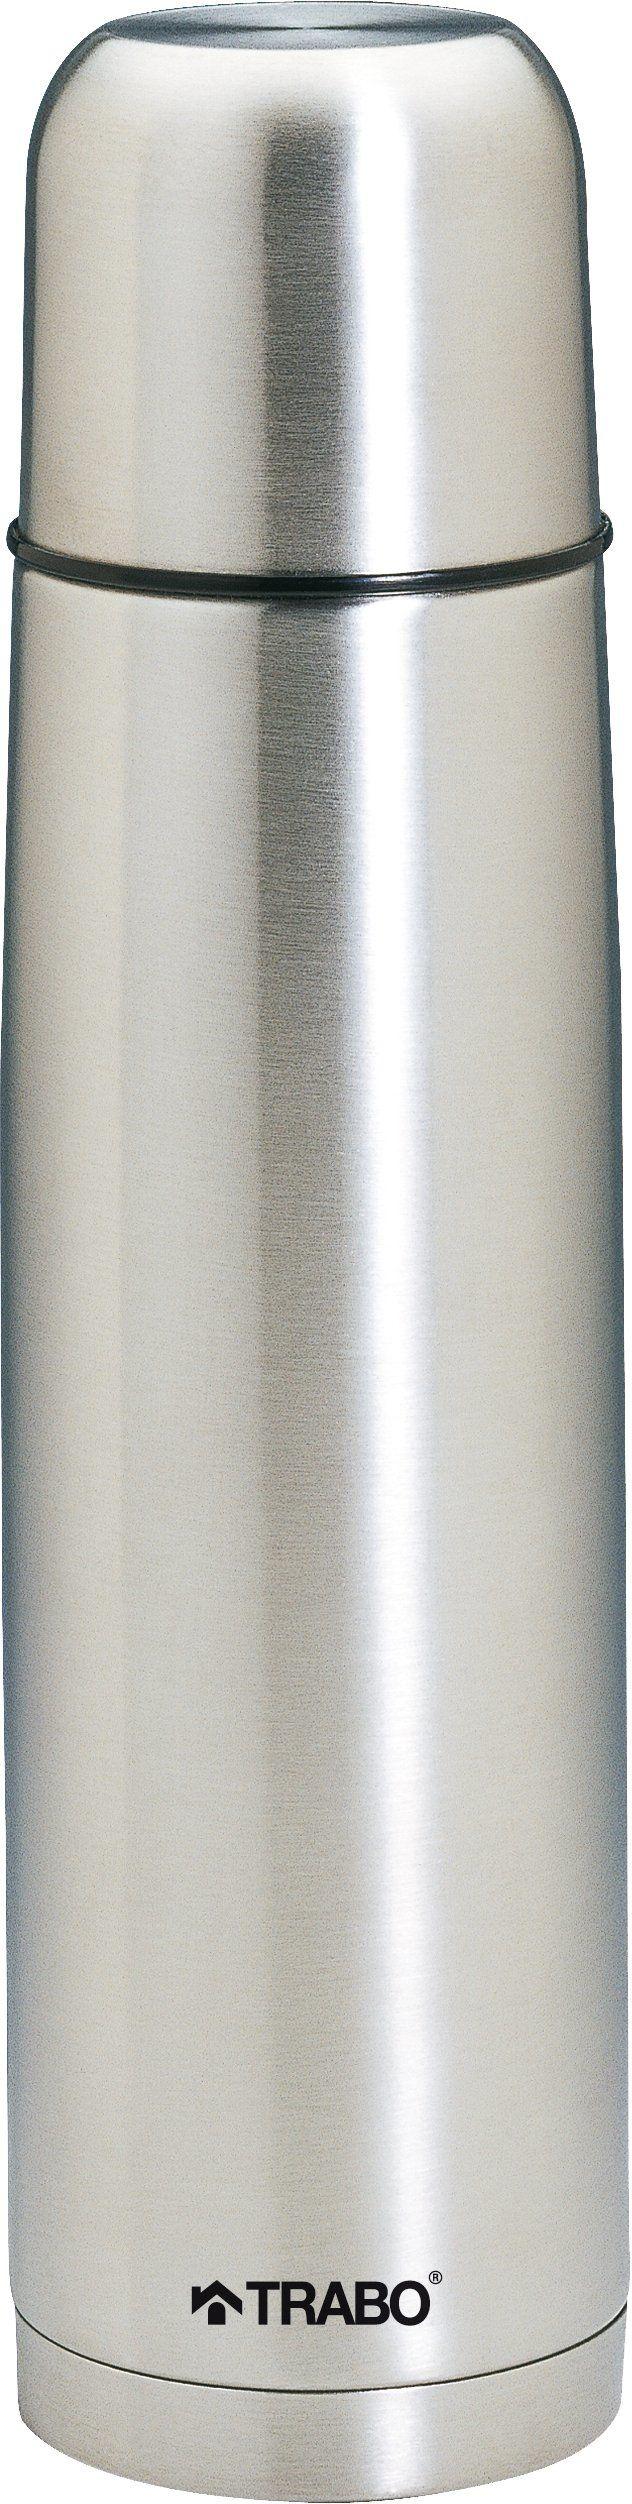 Trabo BZ006 Dakota pojemnik termiczny ze stali nierdzewnej, 0,5 l, srebrny